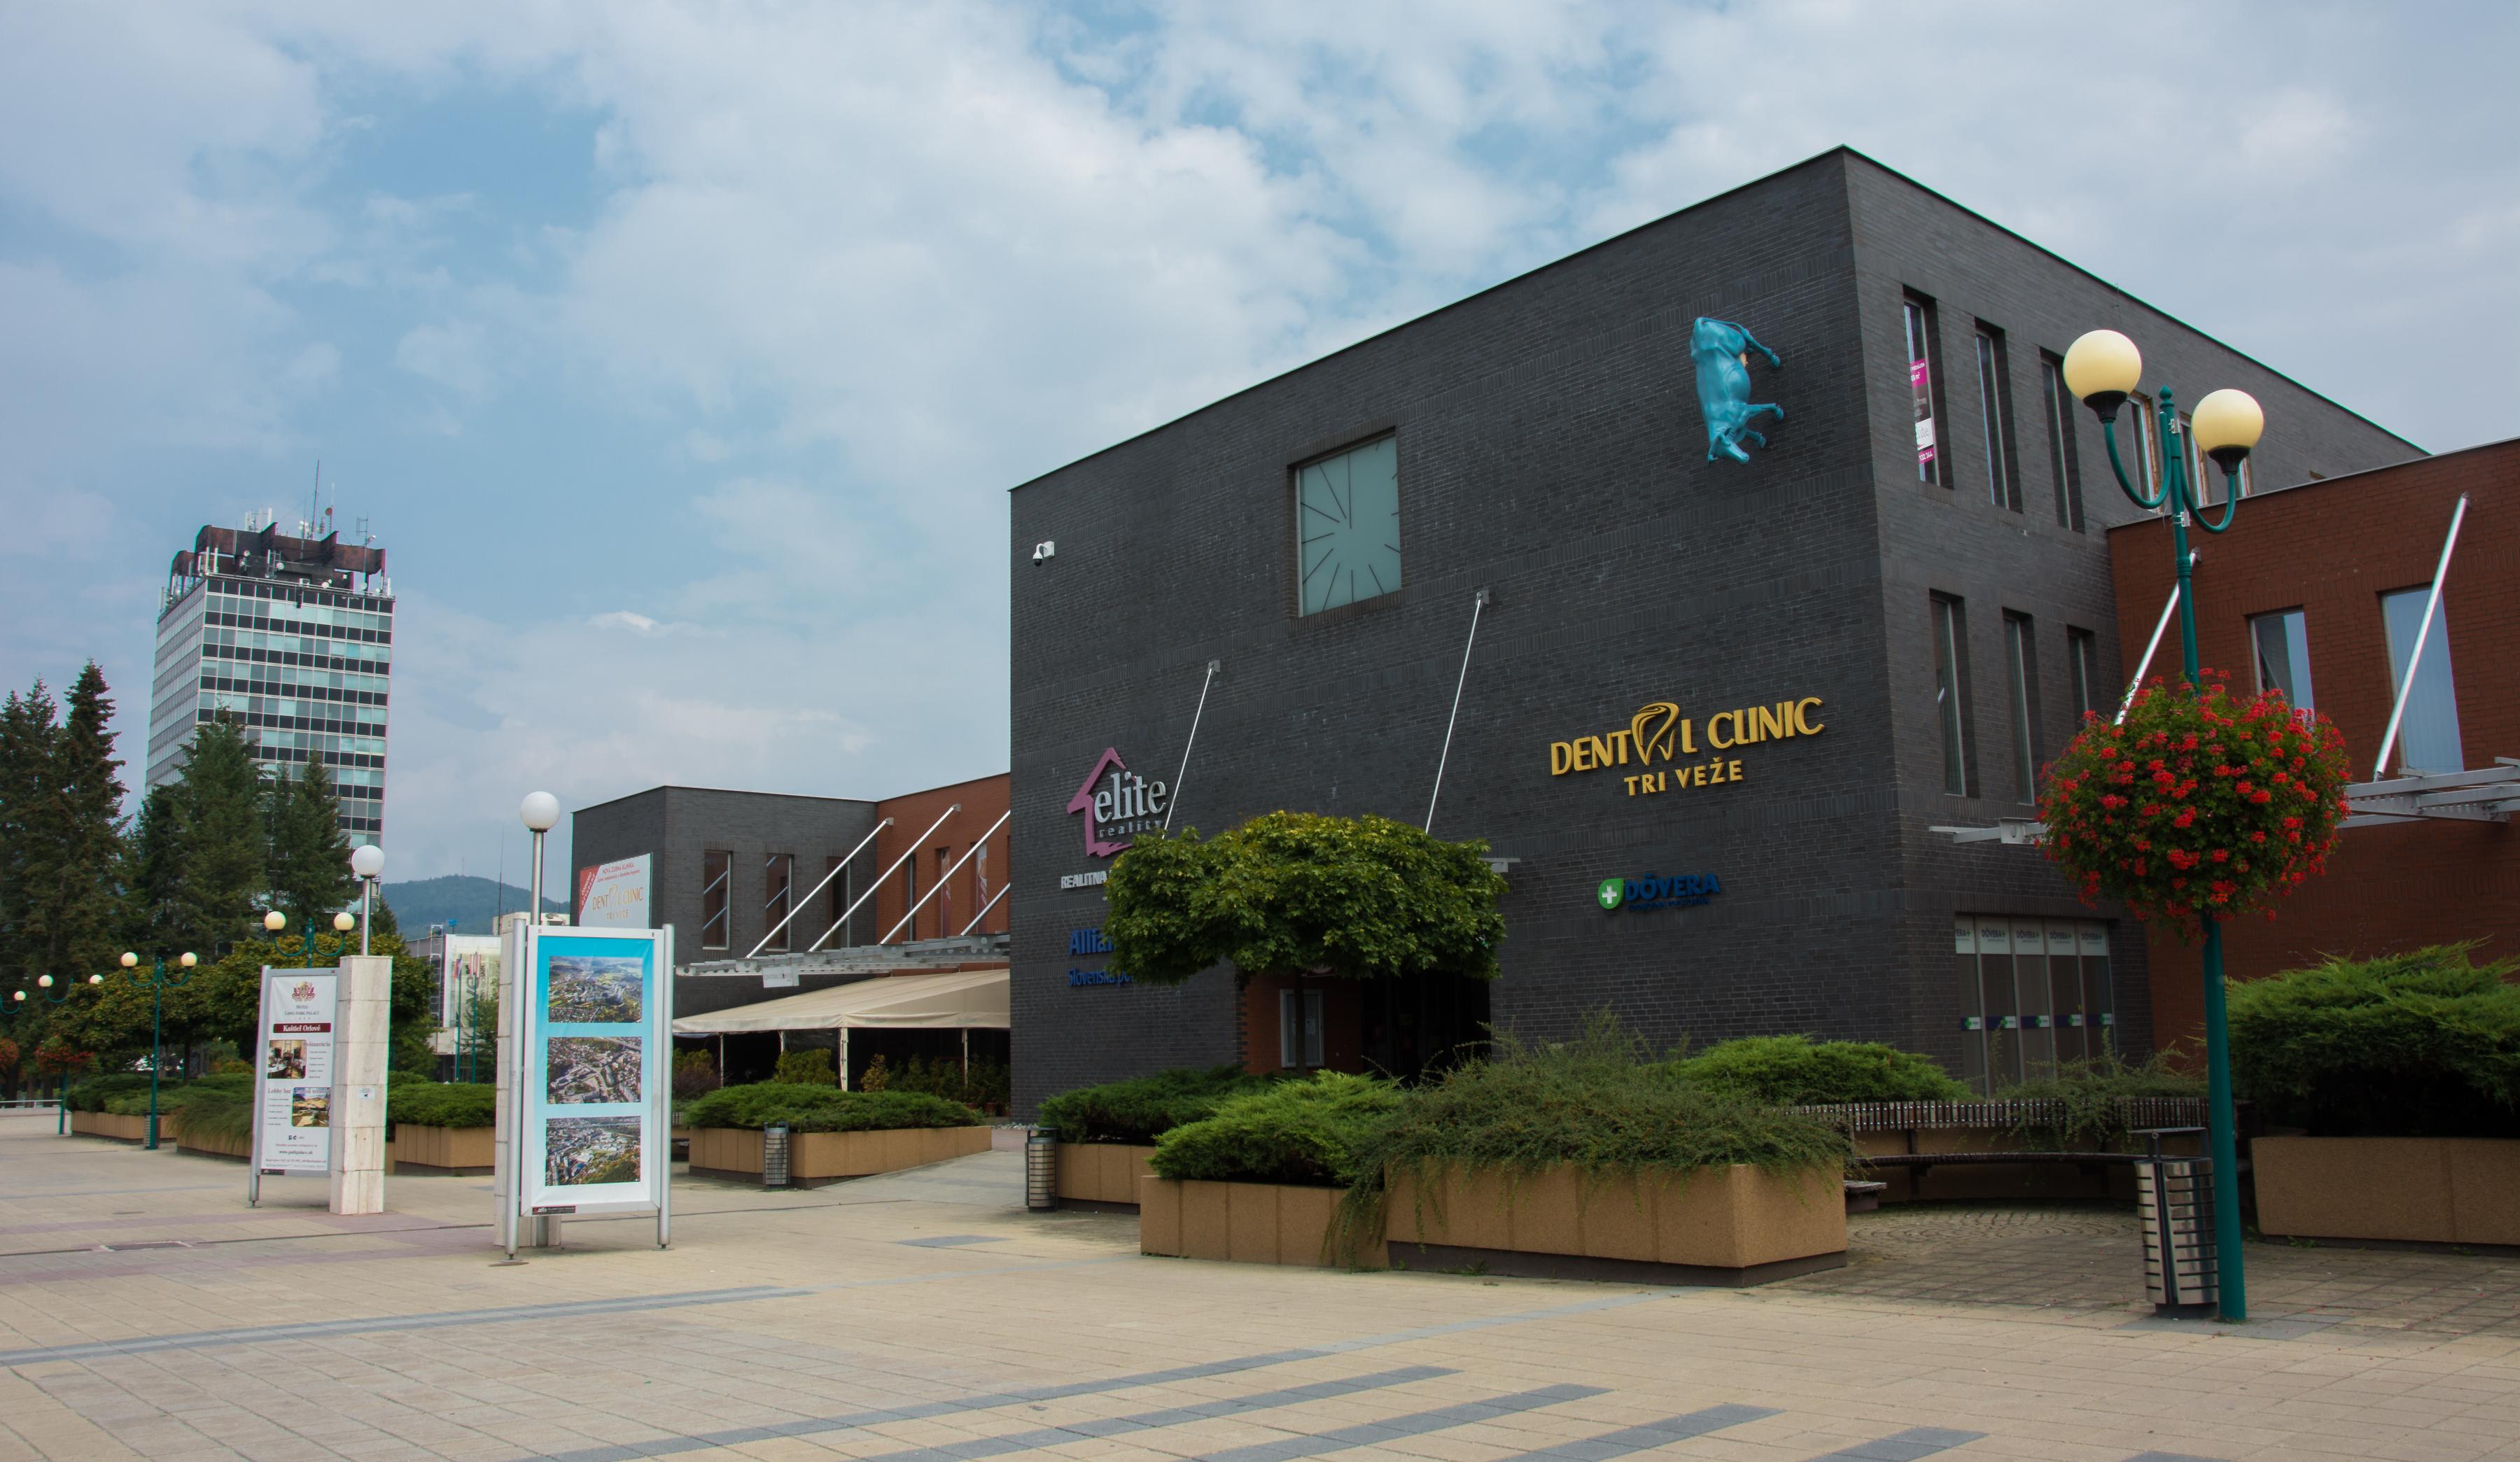 budova dental clinic tri veže